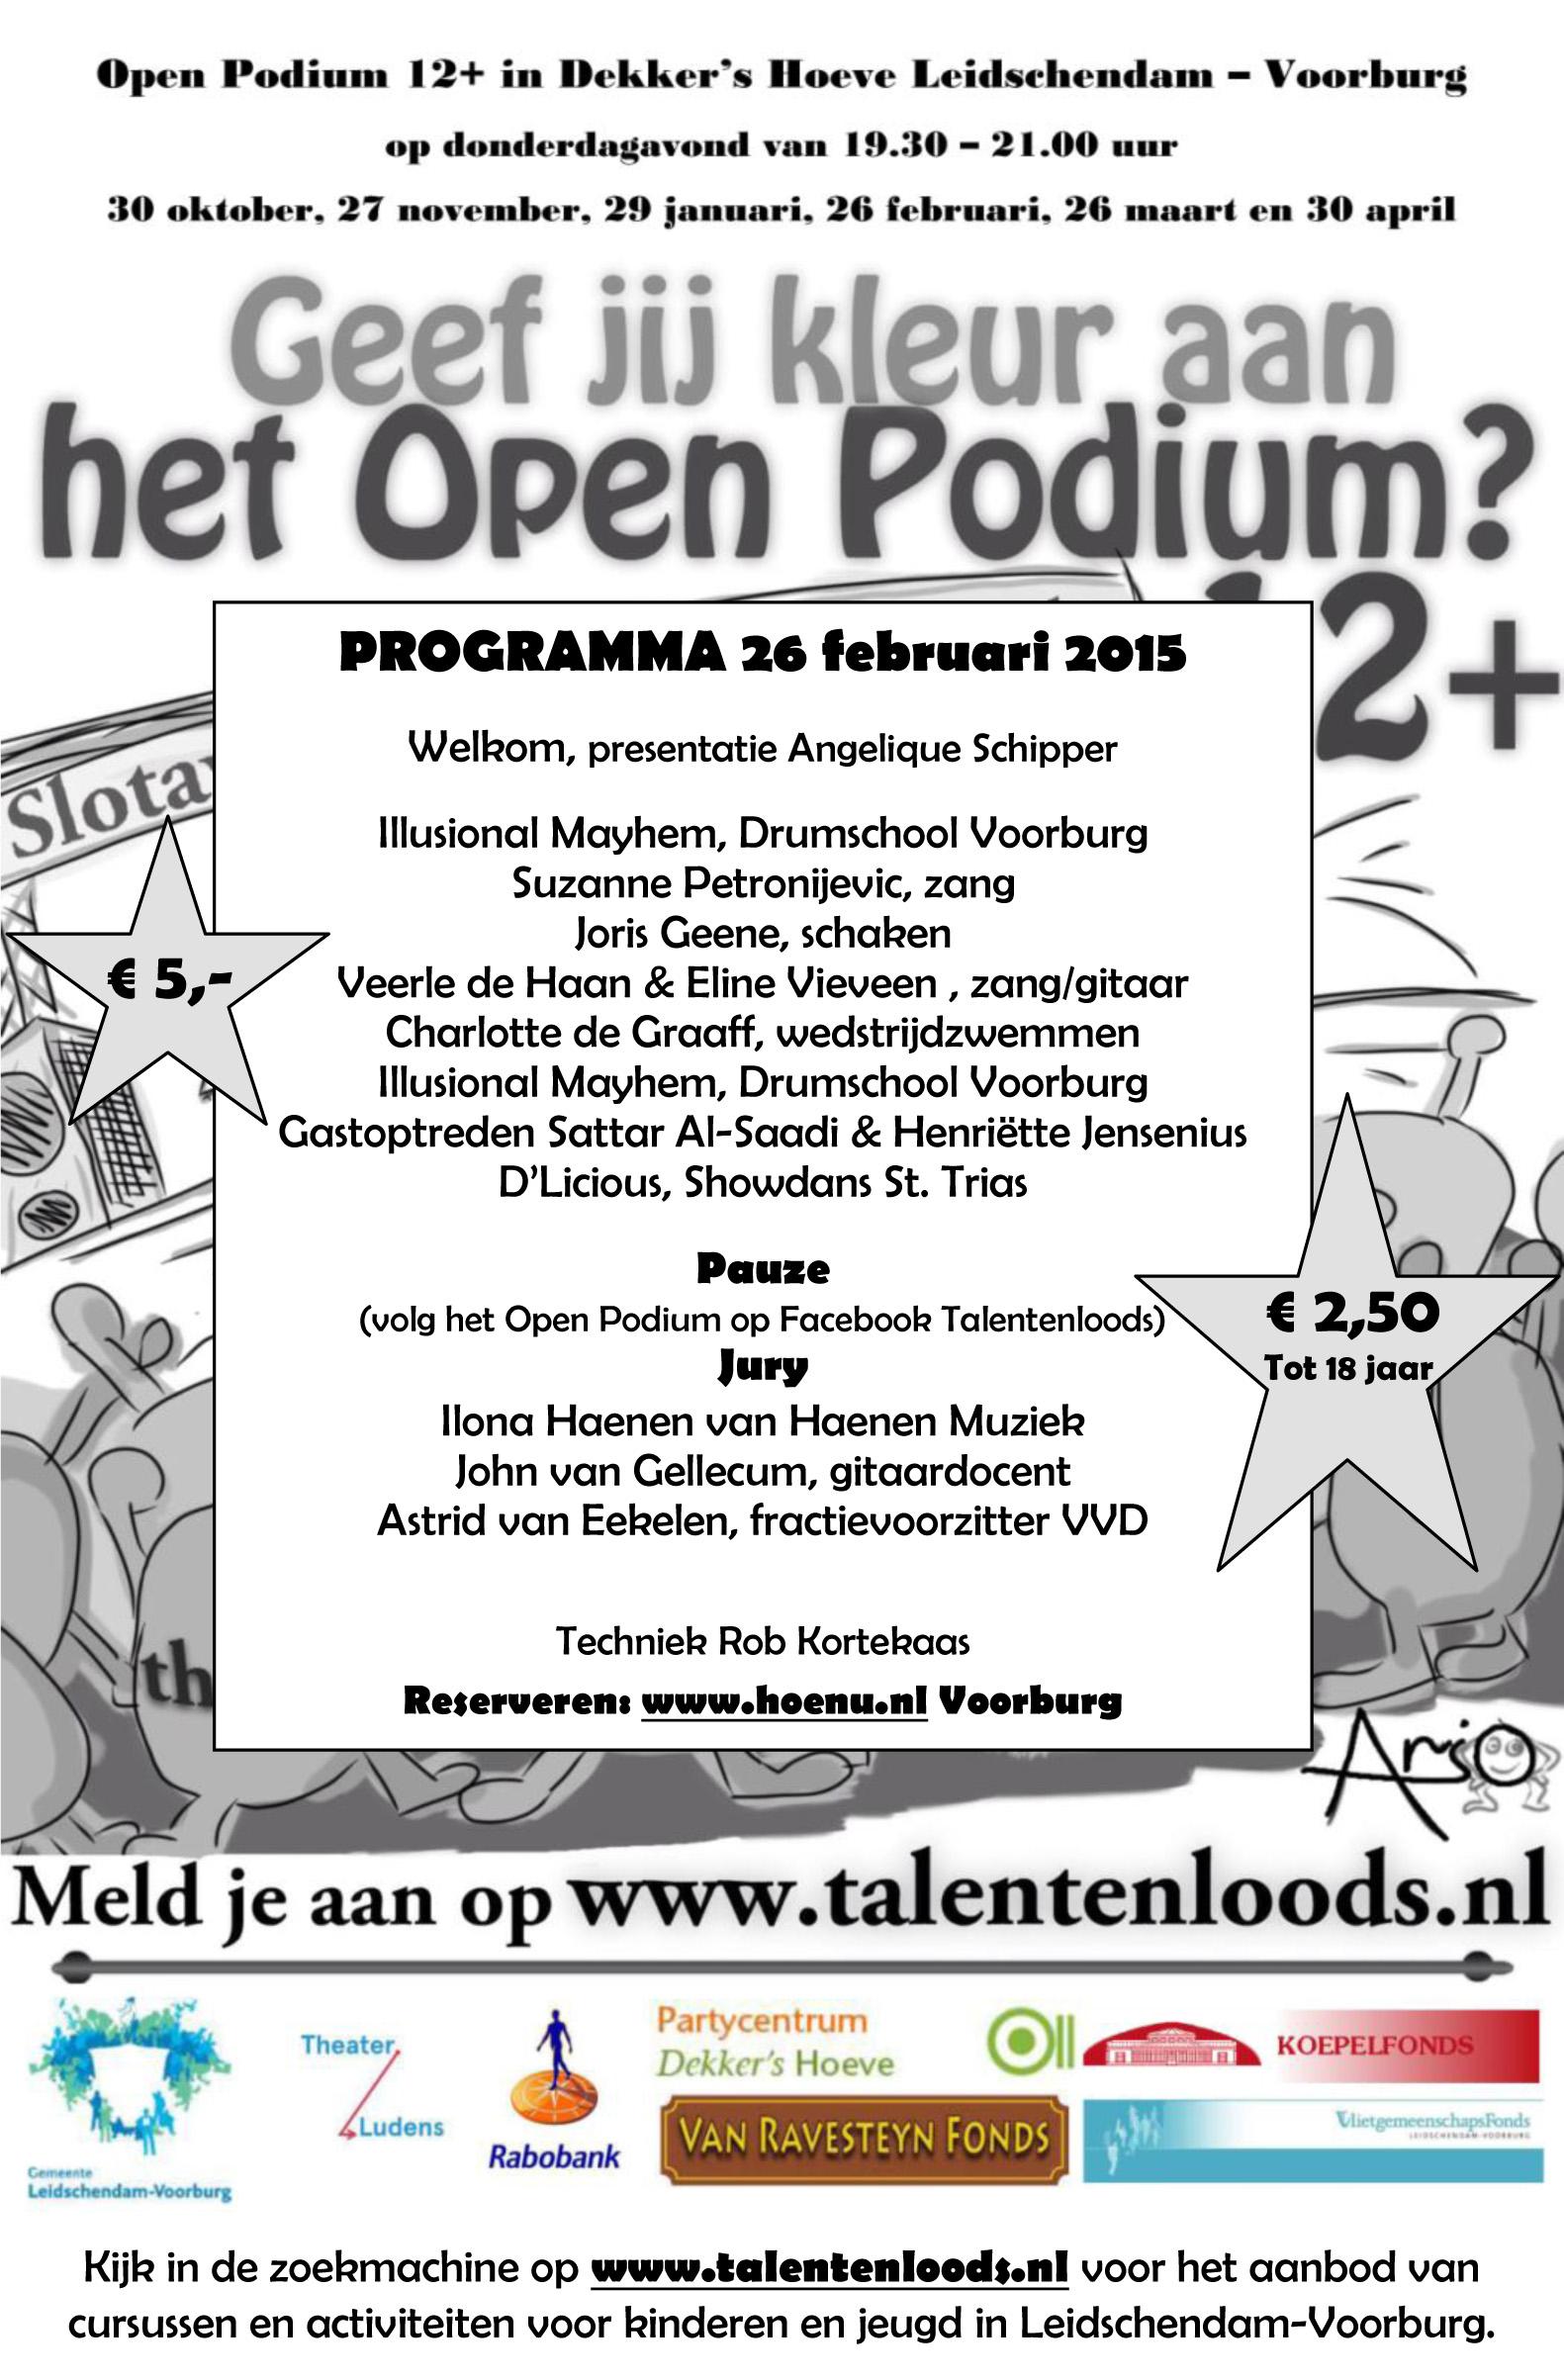 OpenPodium_programma_260215